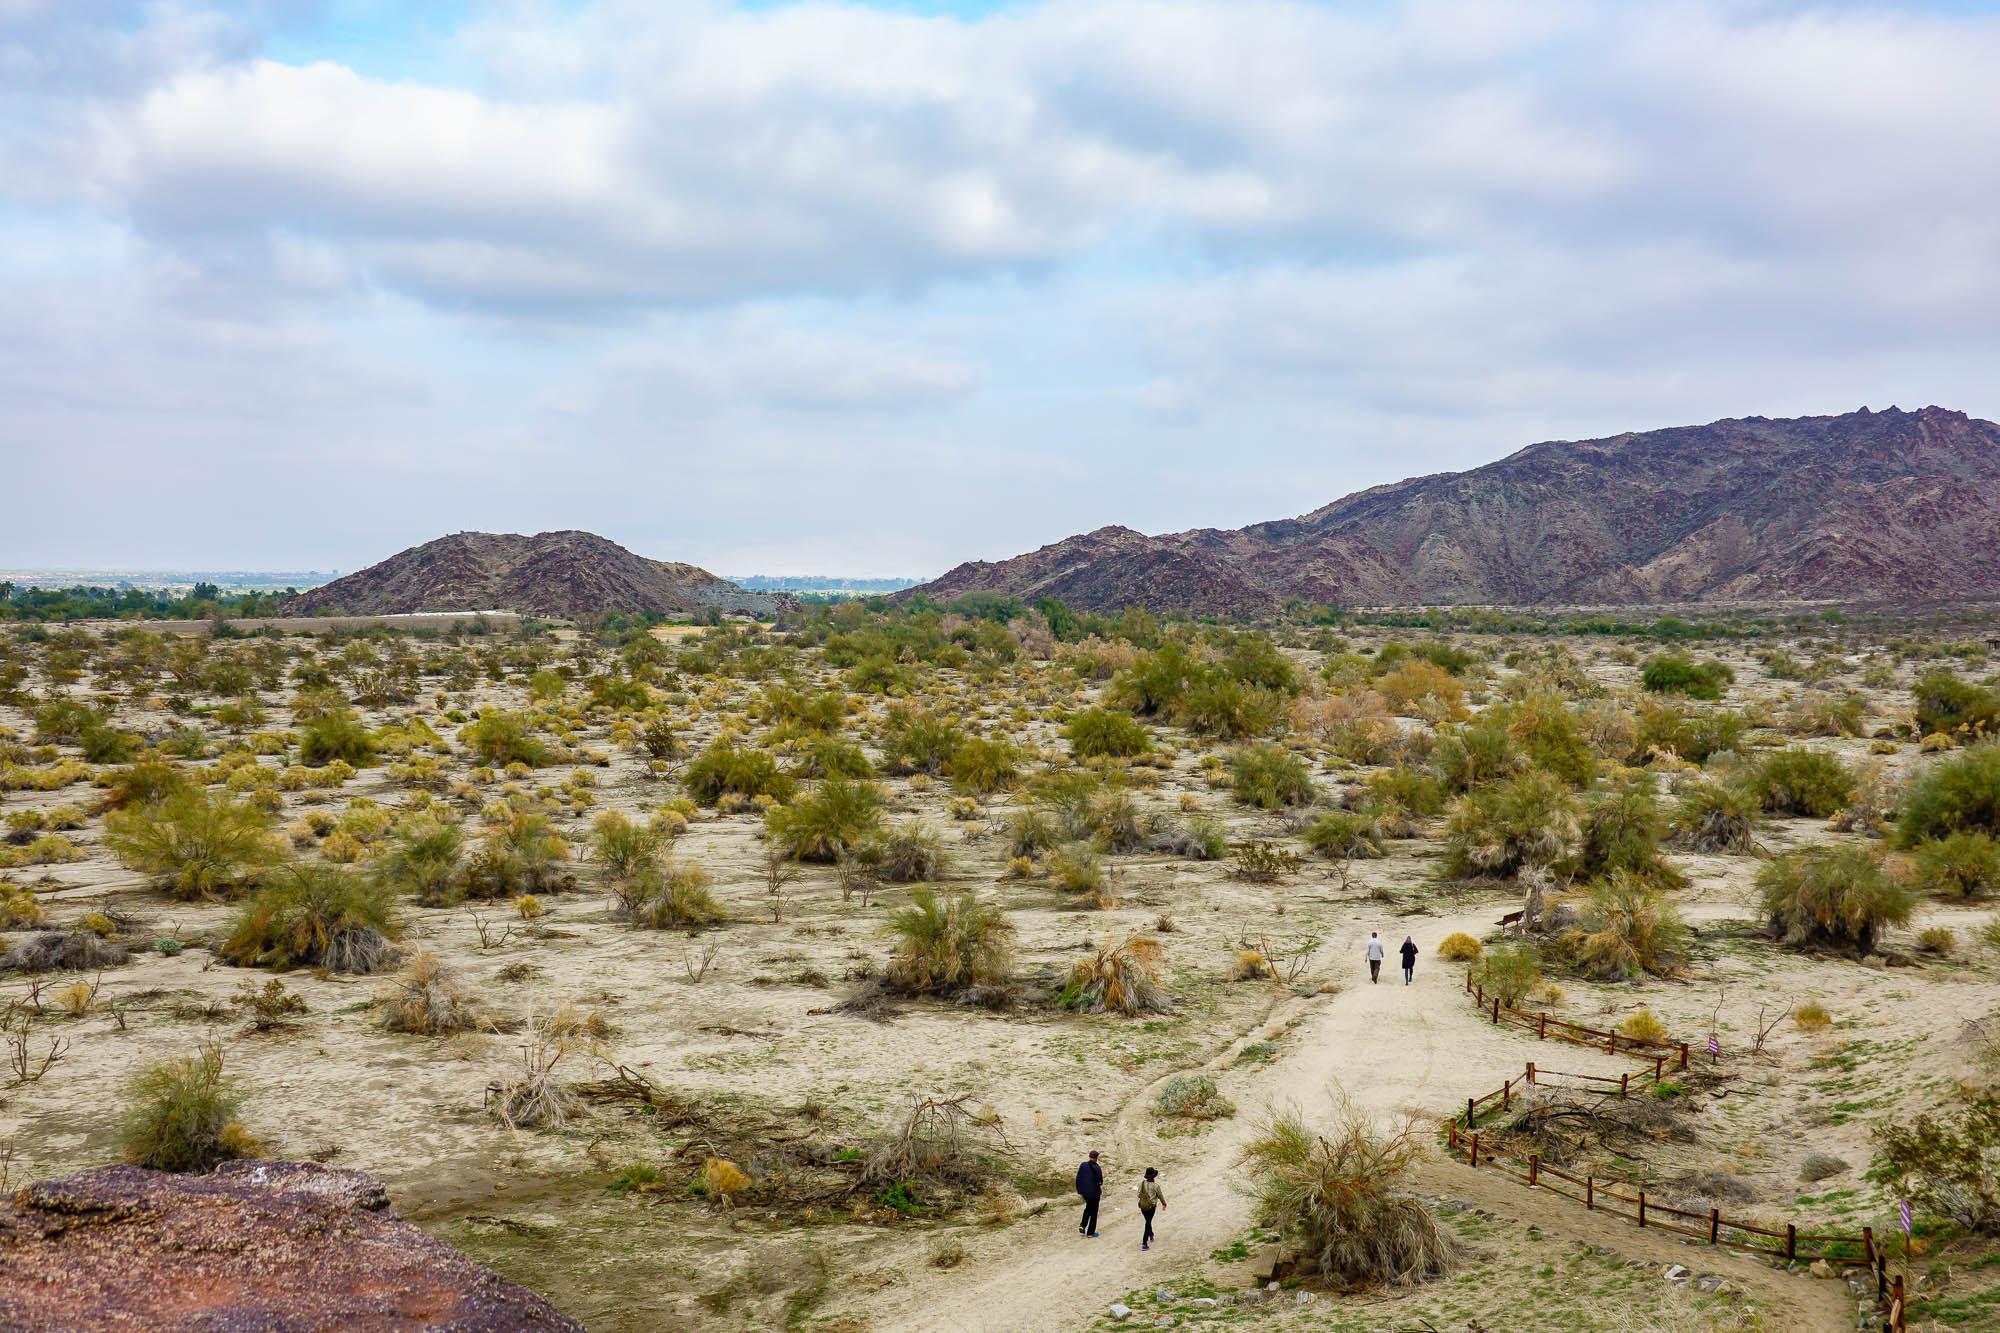 Living Desert Museum